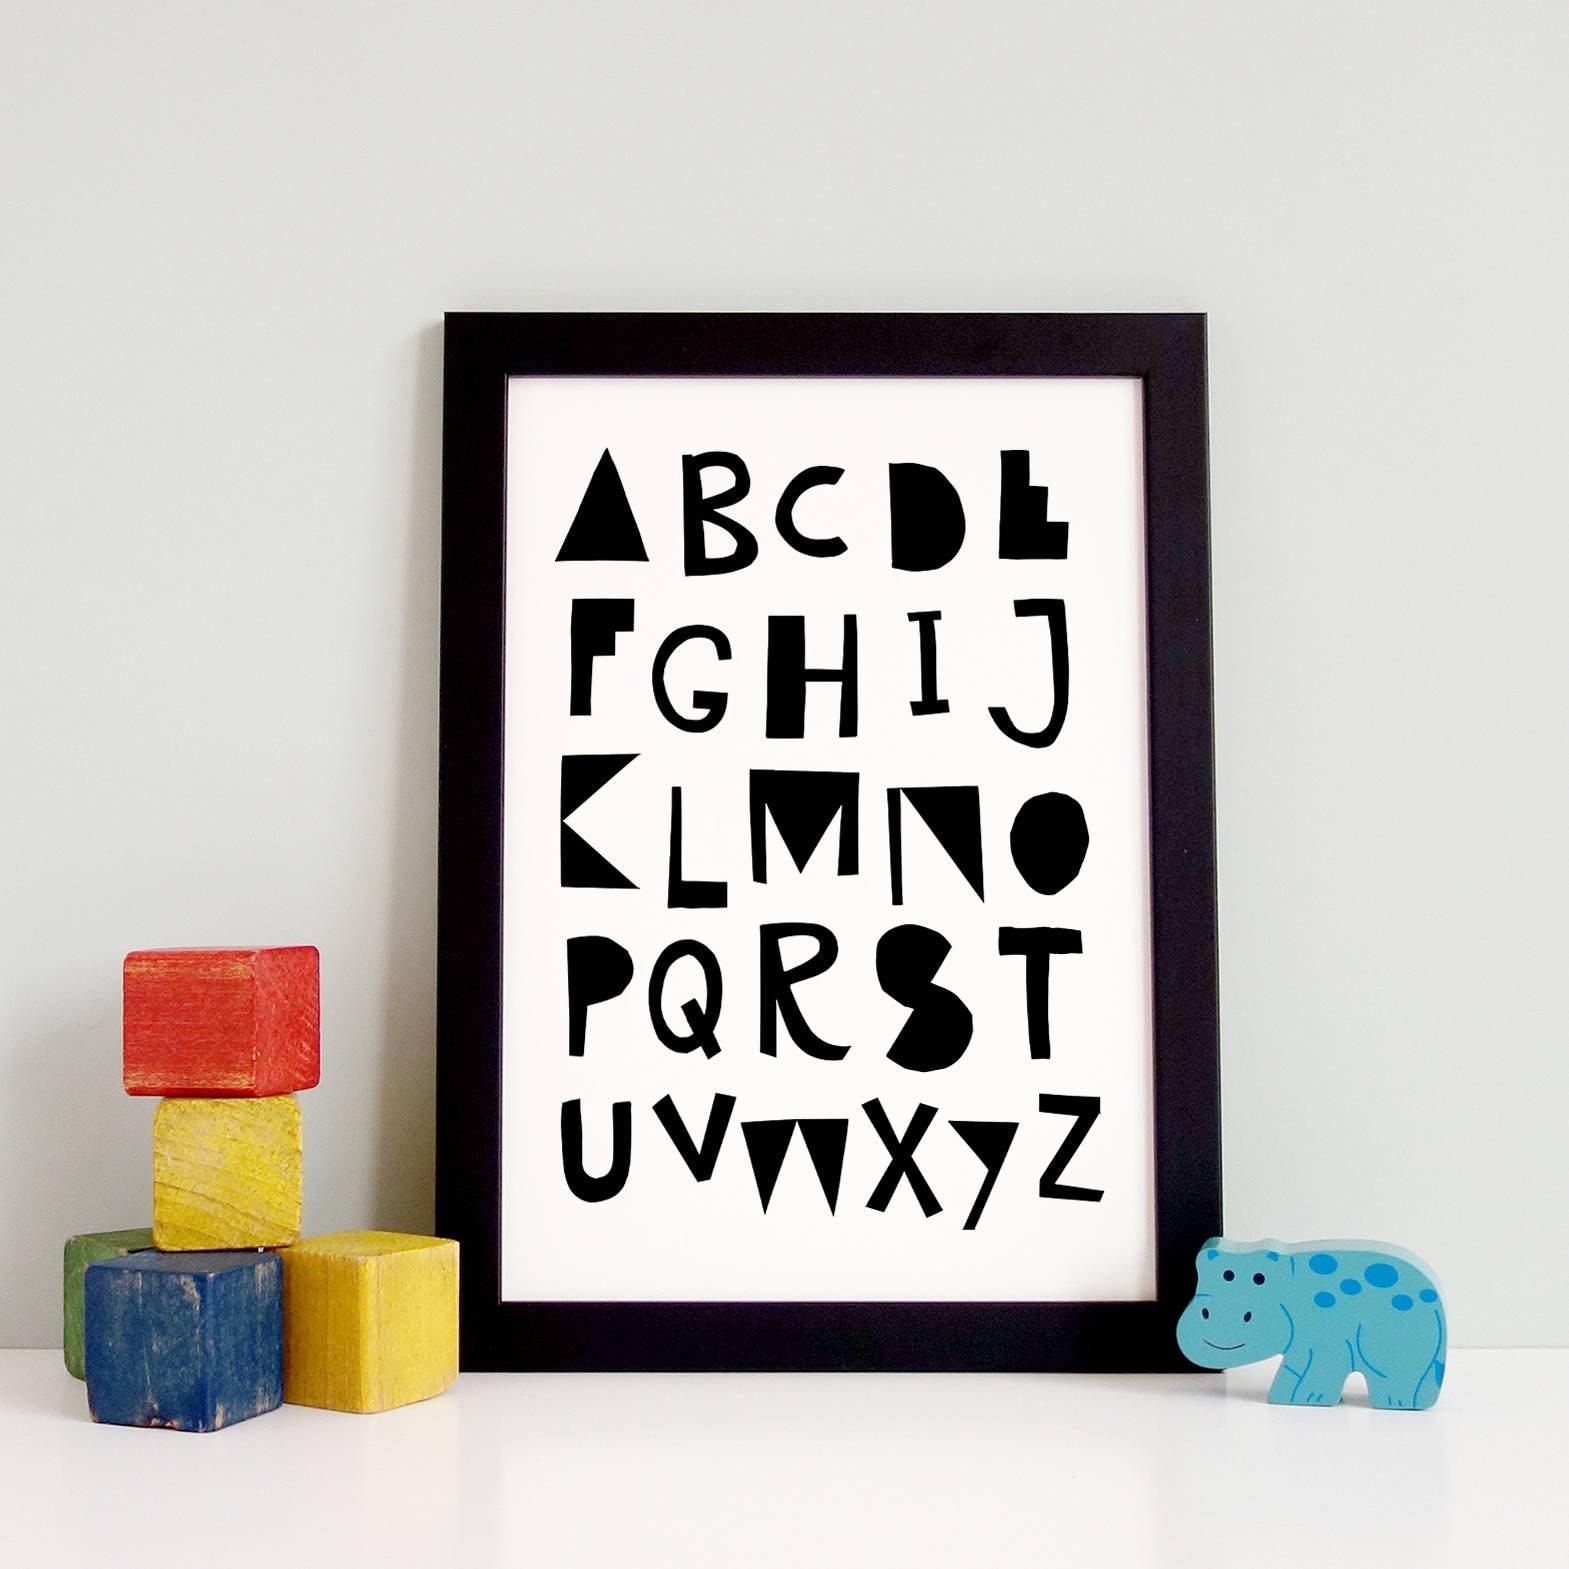 Alfabeto para imprimir letra cartel blanco y negro | Etsy